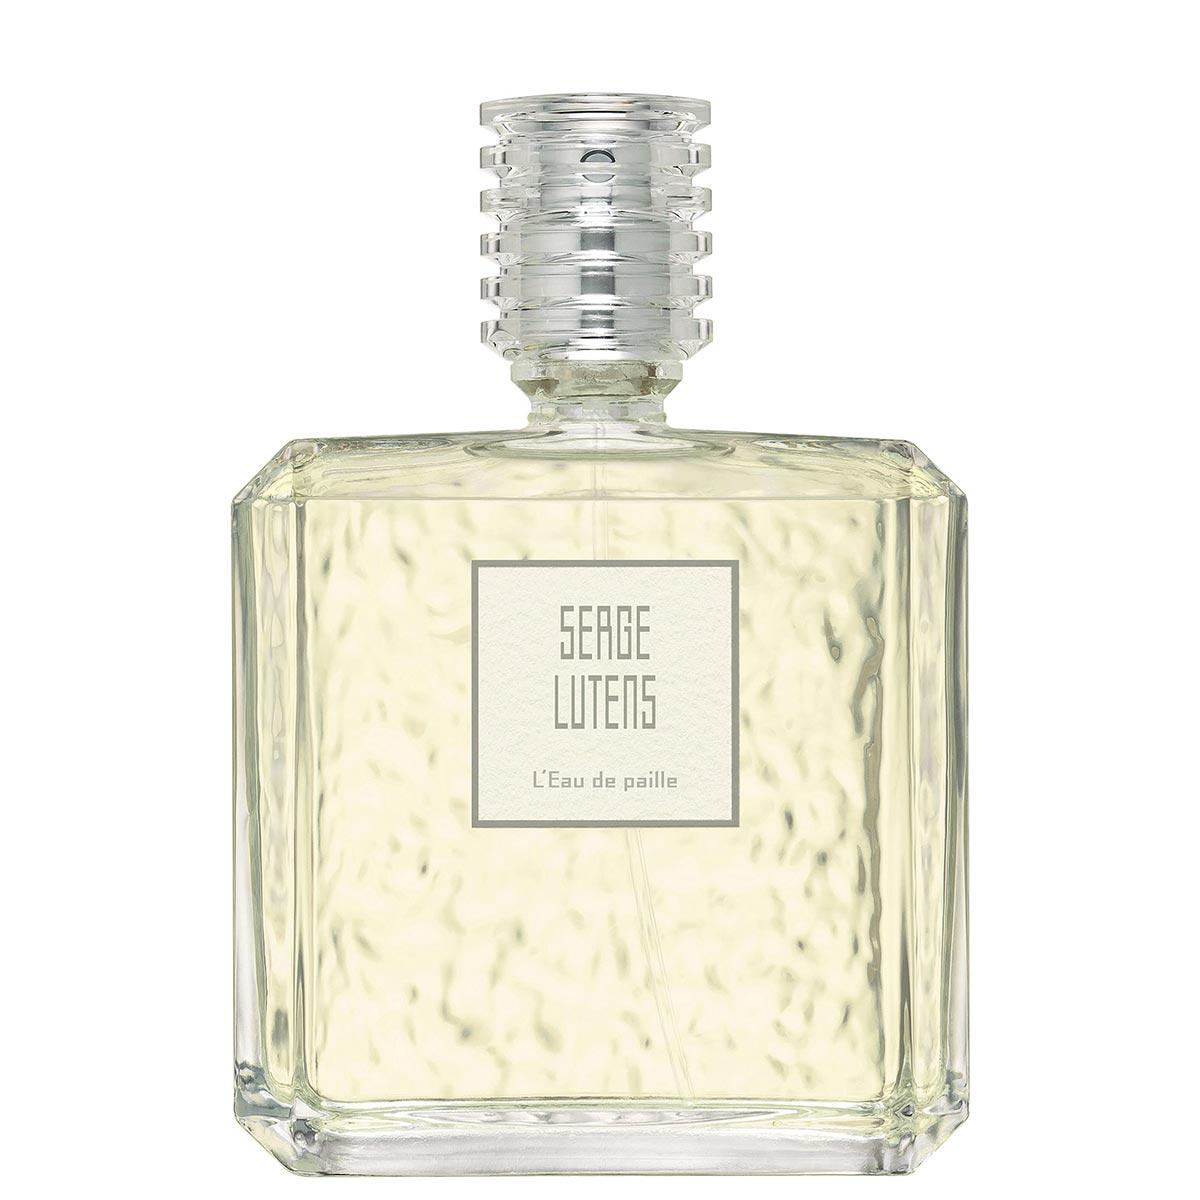 Eau de Parfum L'Eau de Paille - SERGE LUTENS